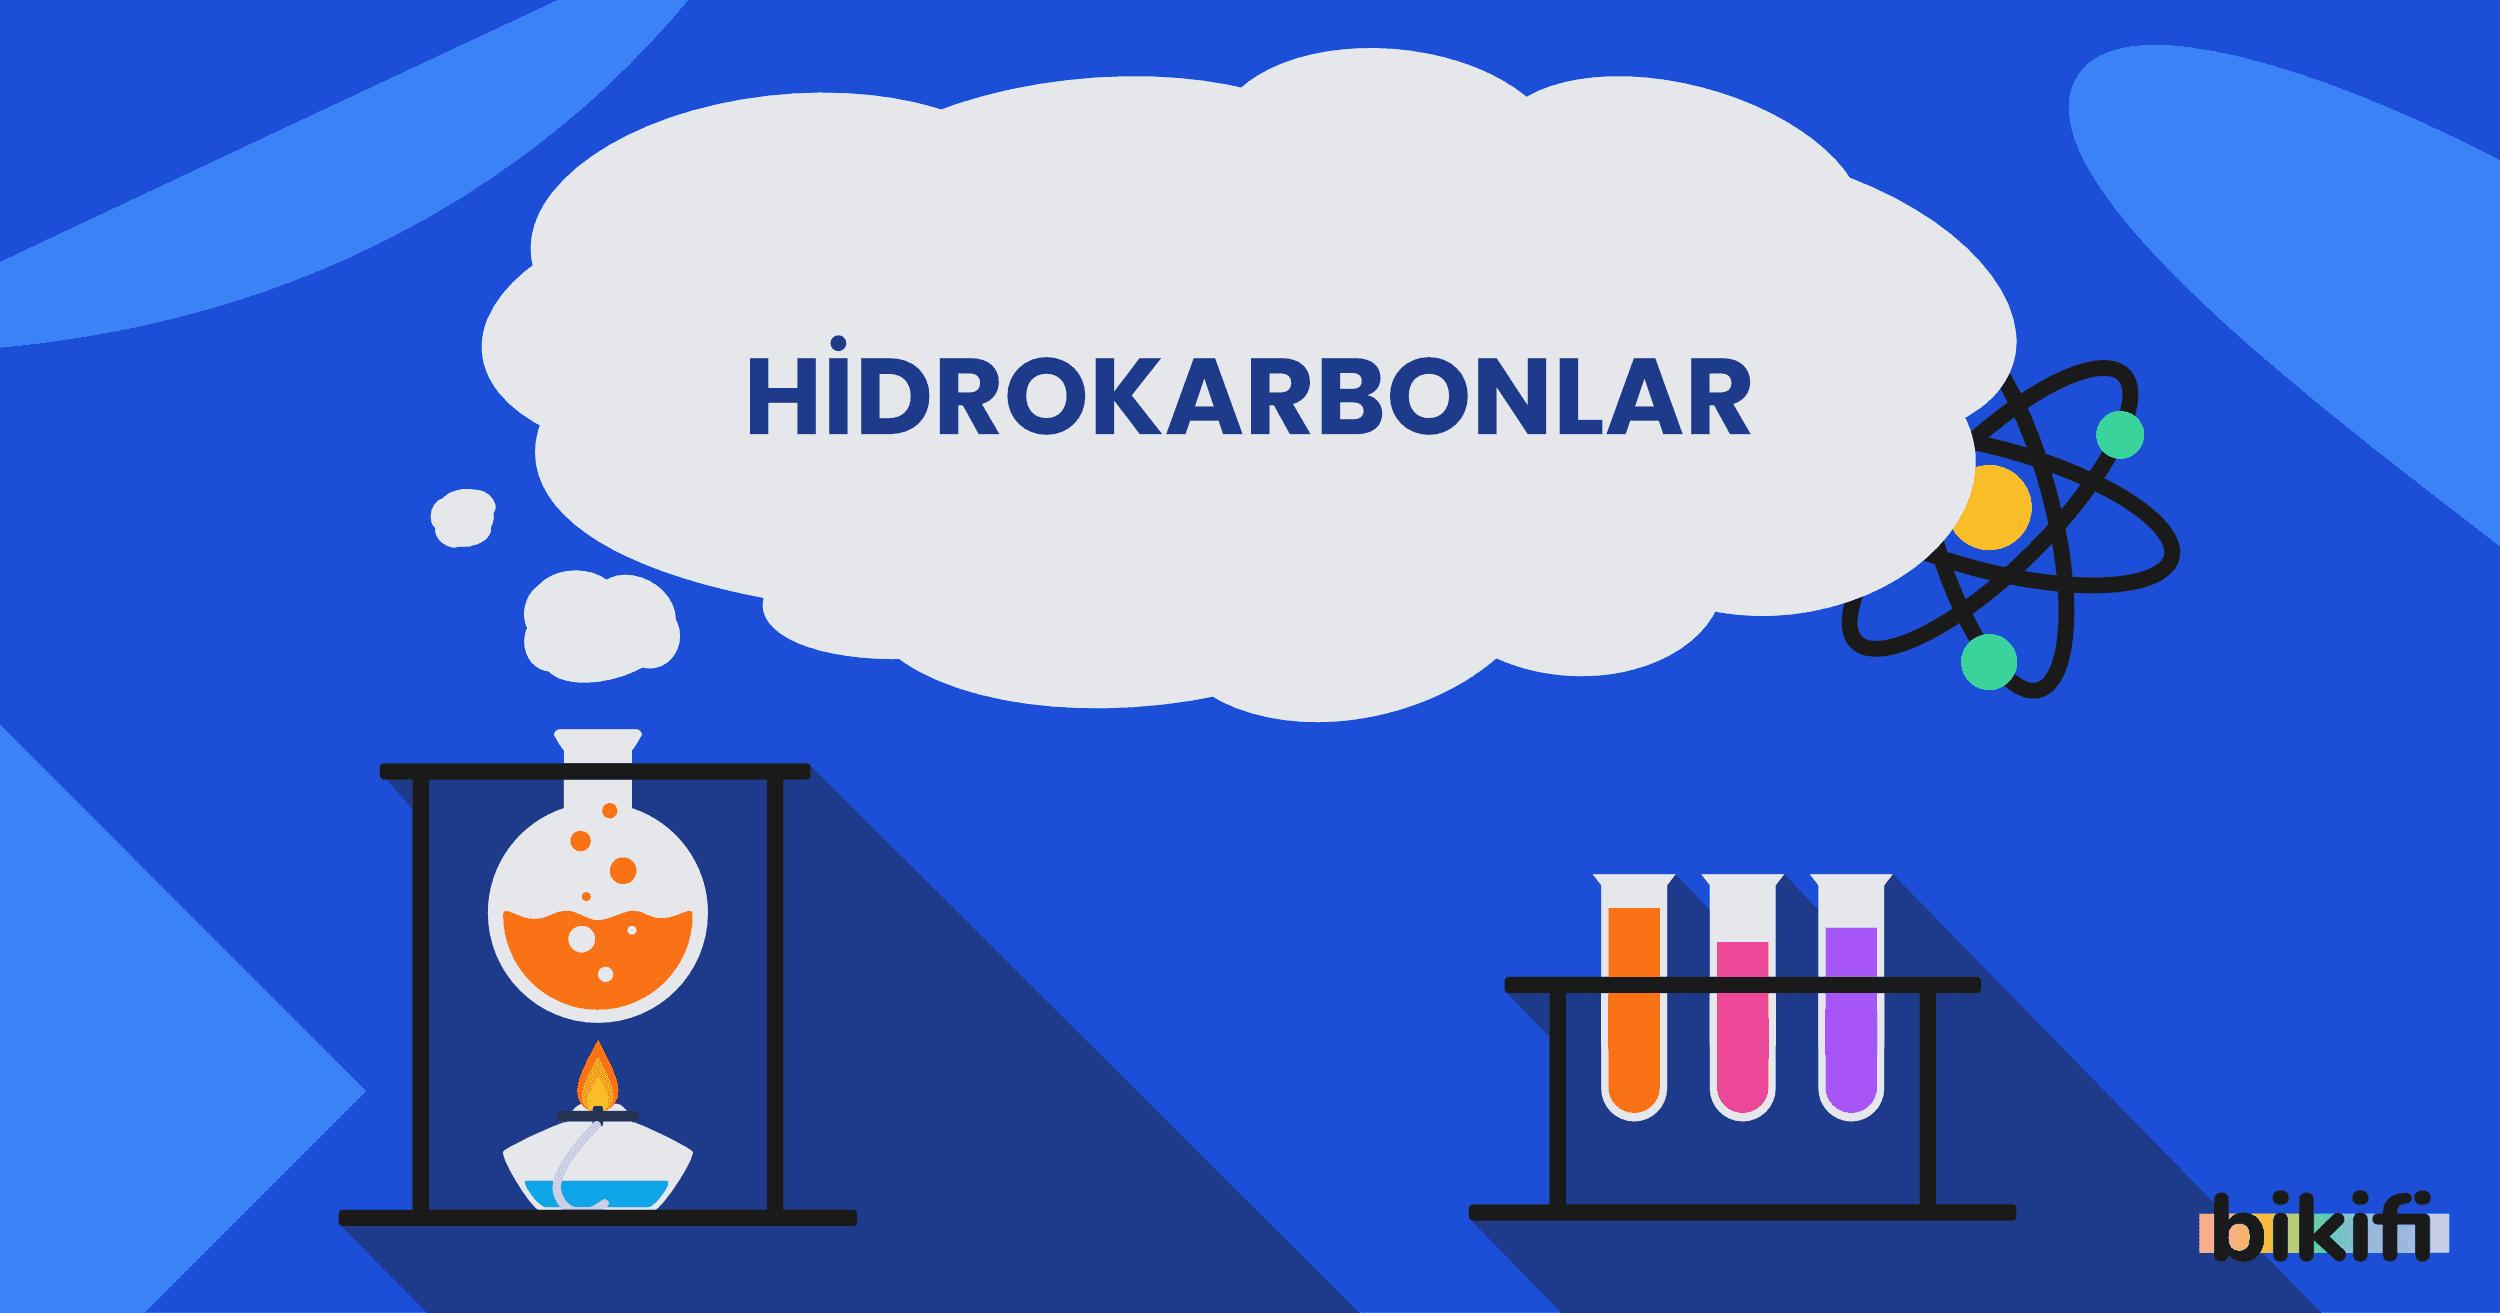 Hidrokarbonlar